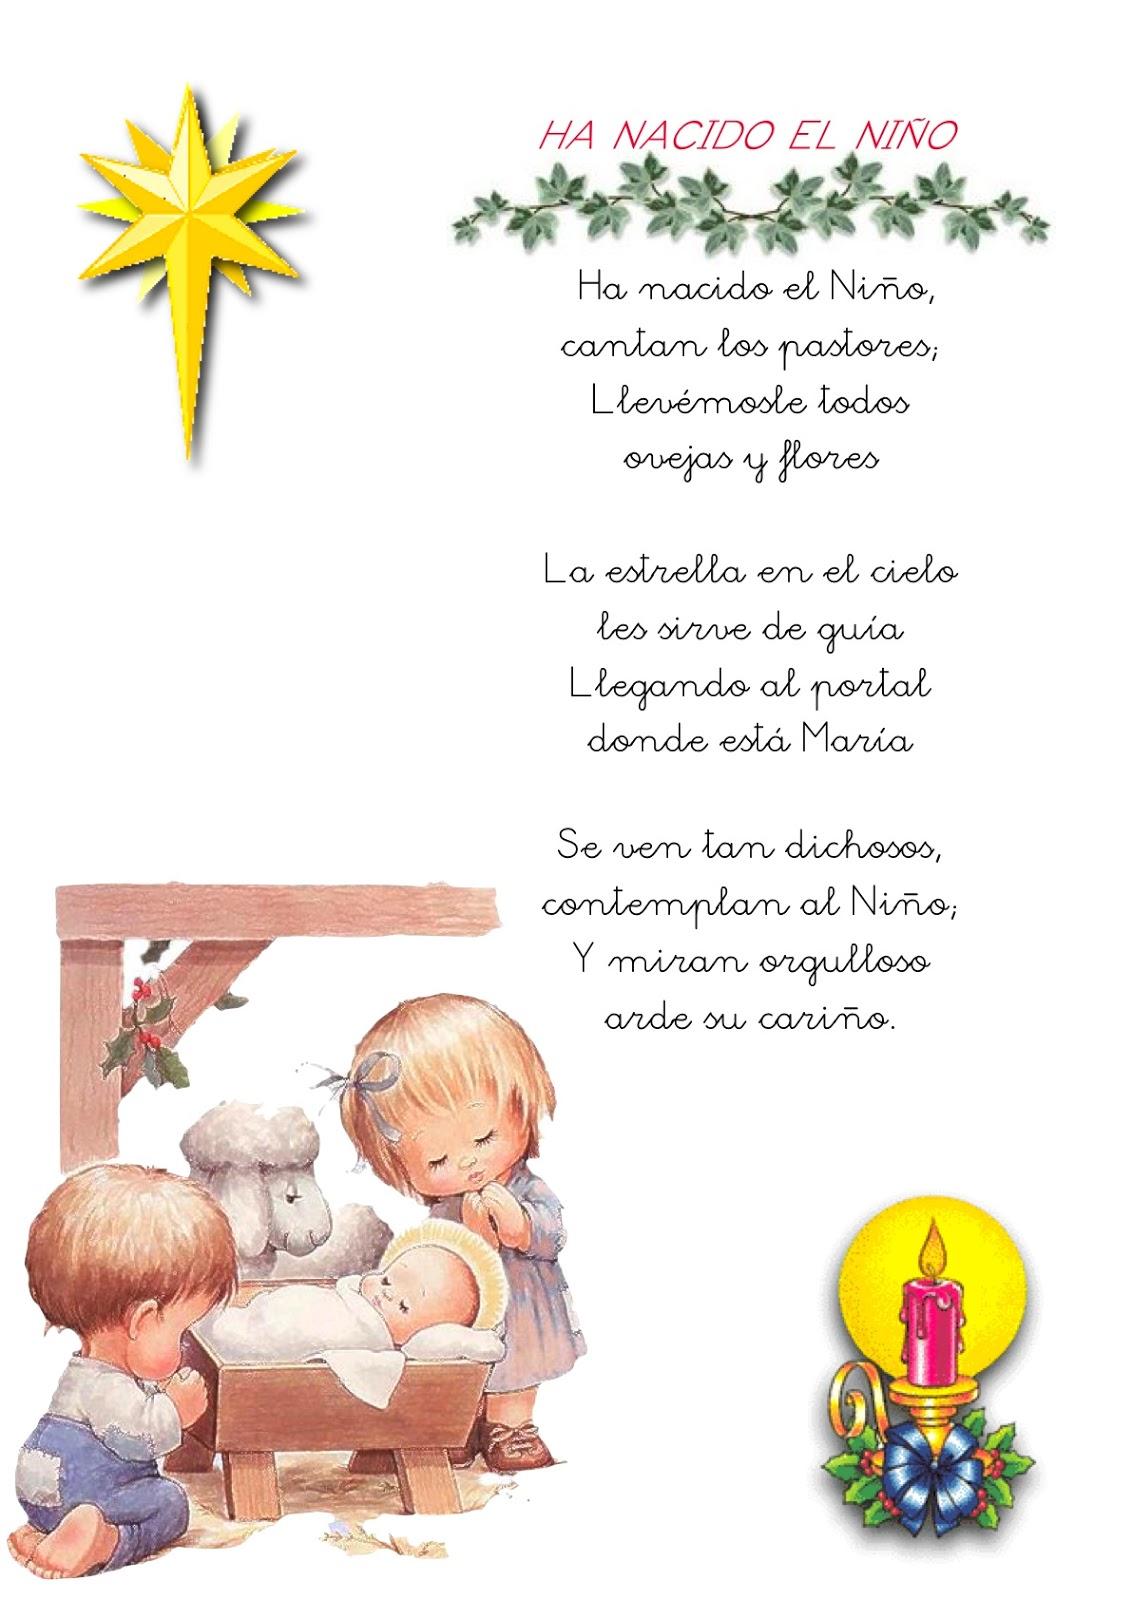 Banco de Imagenes y fotos gratis: Poemas para niños 2